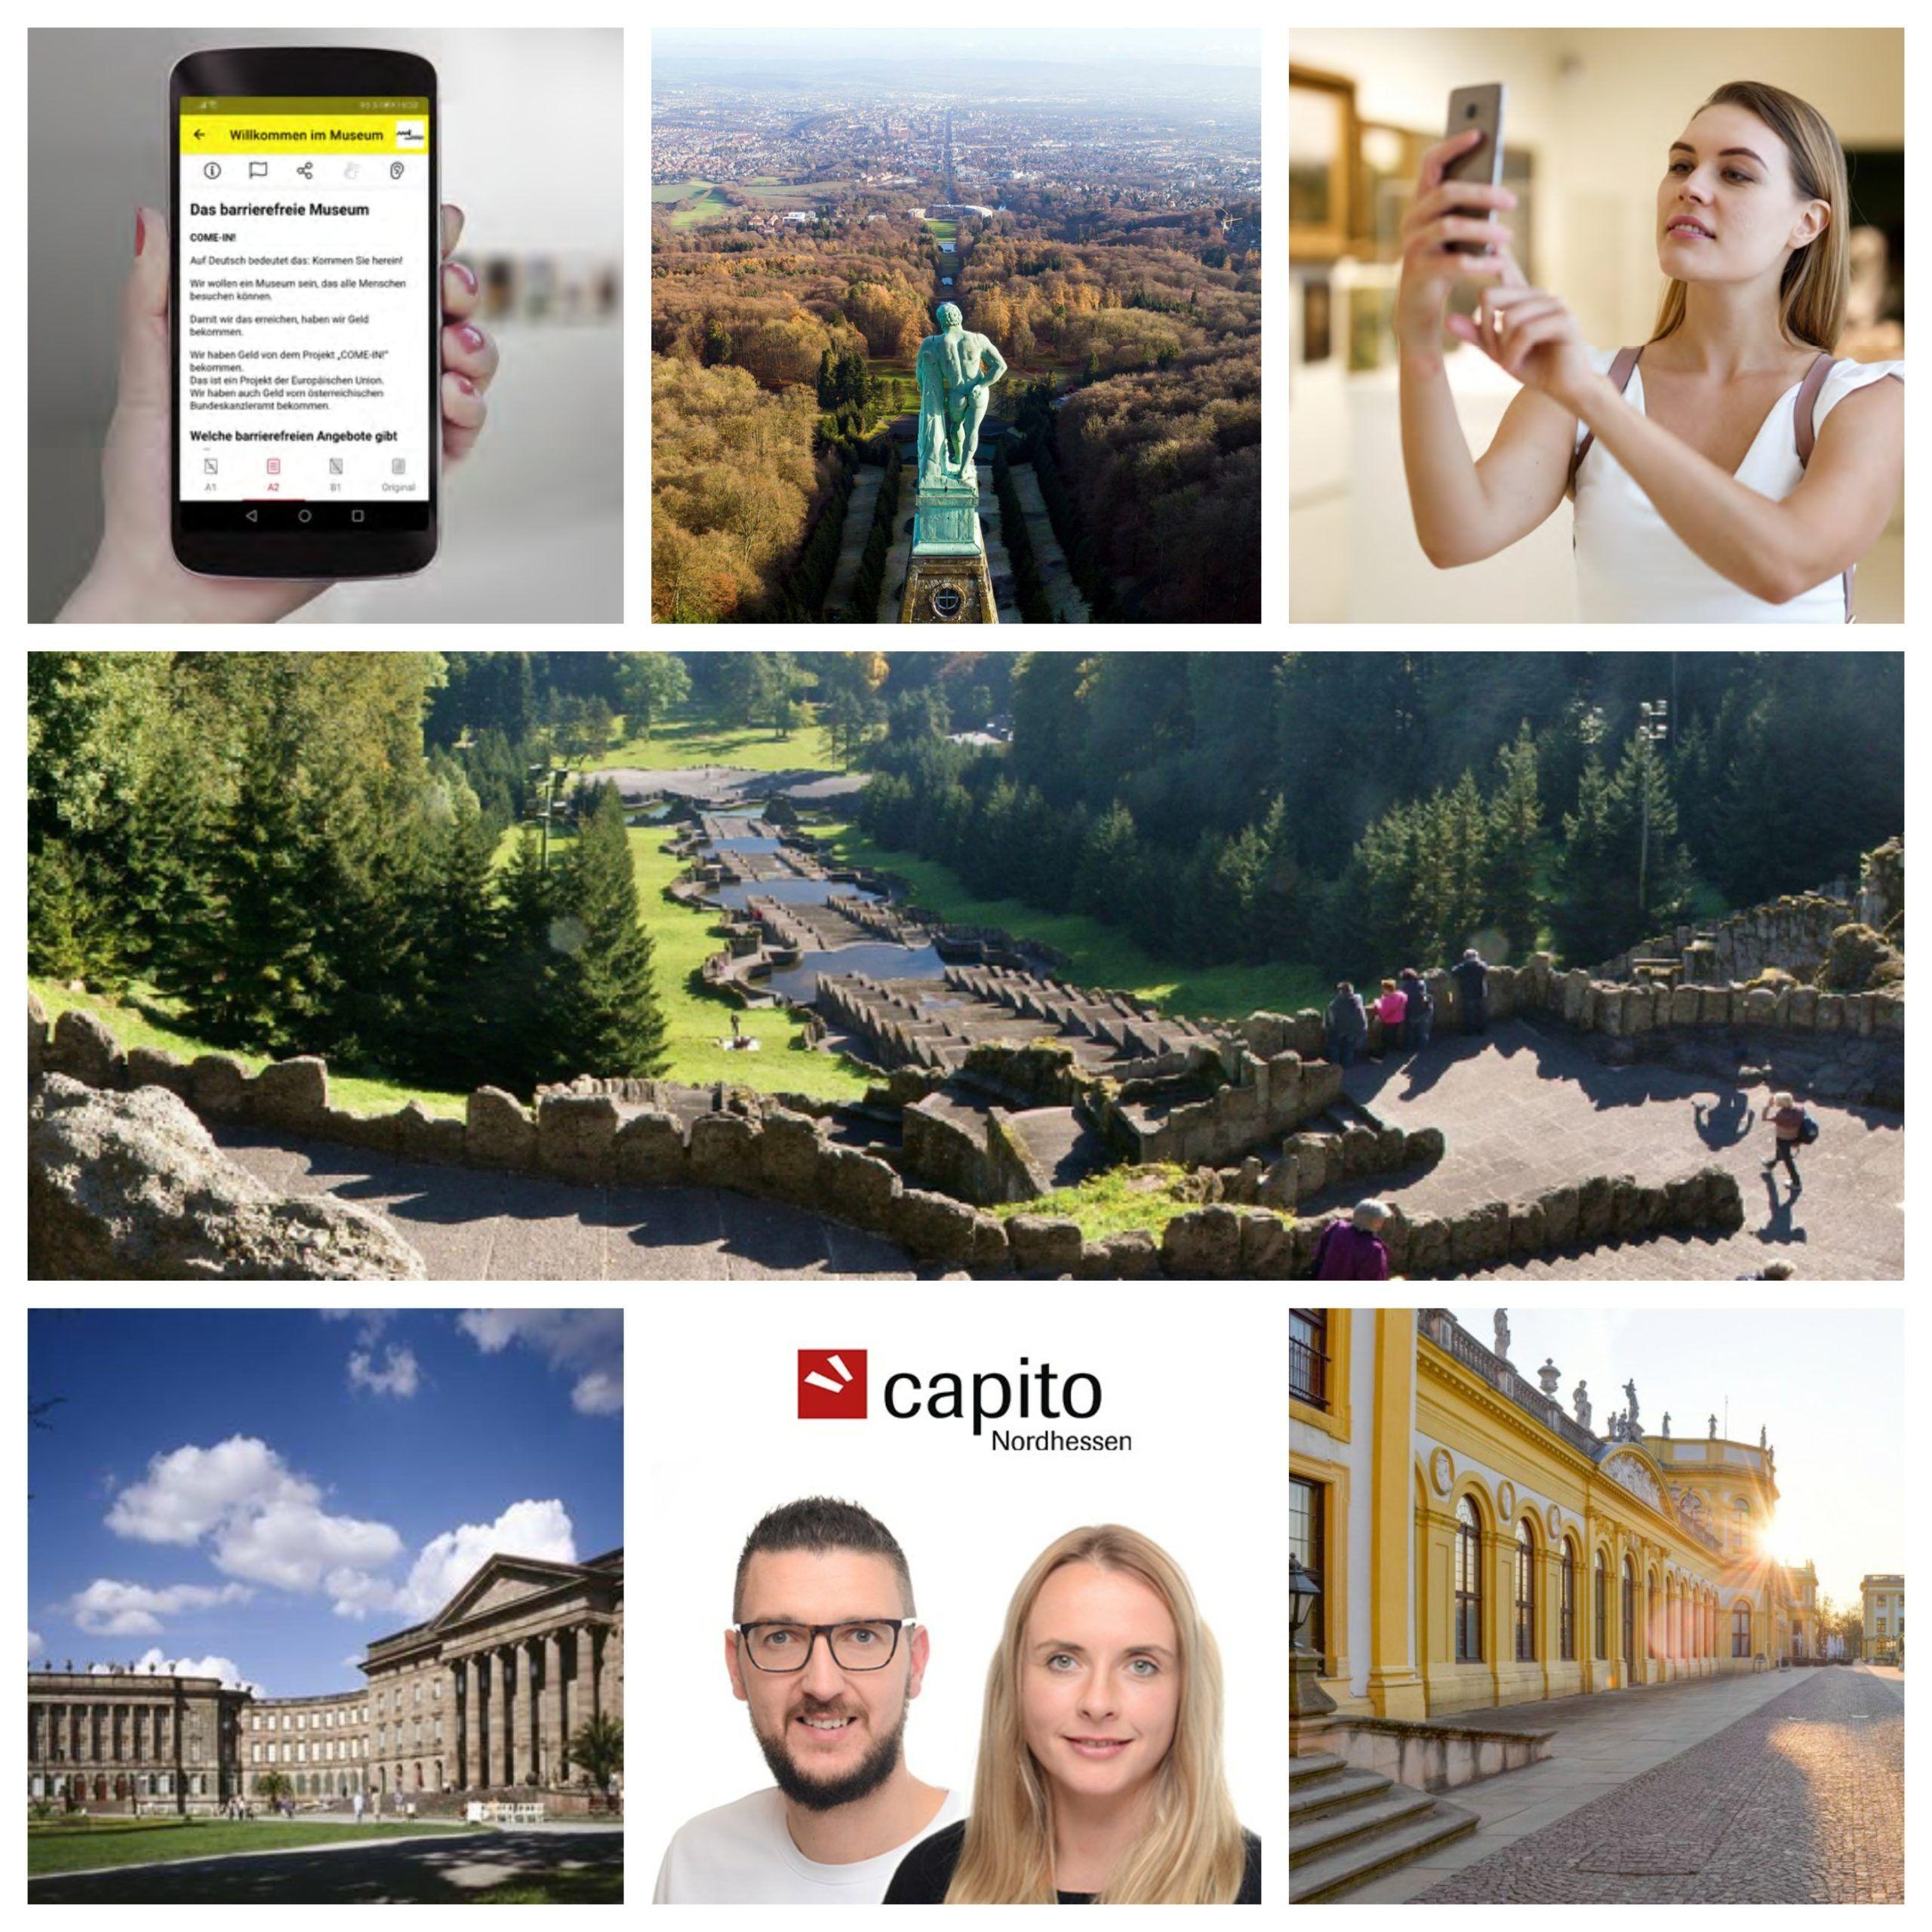 Foto Collage für den Beitrag der capito App als Audioguide